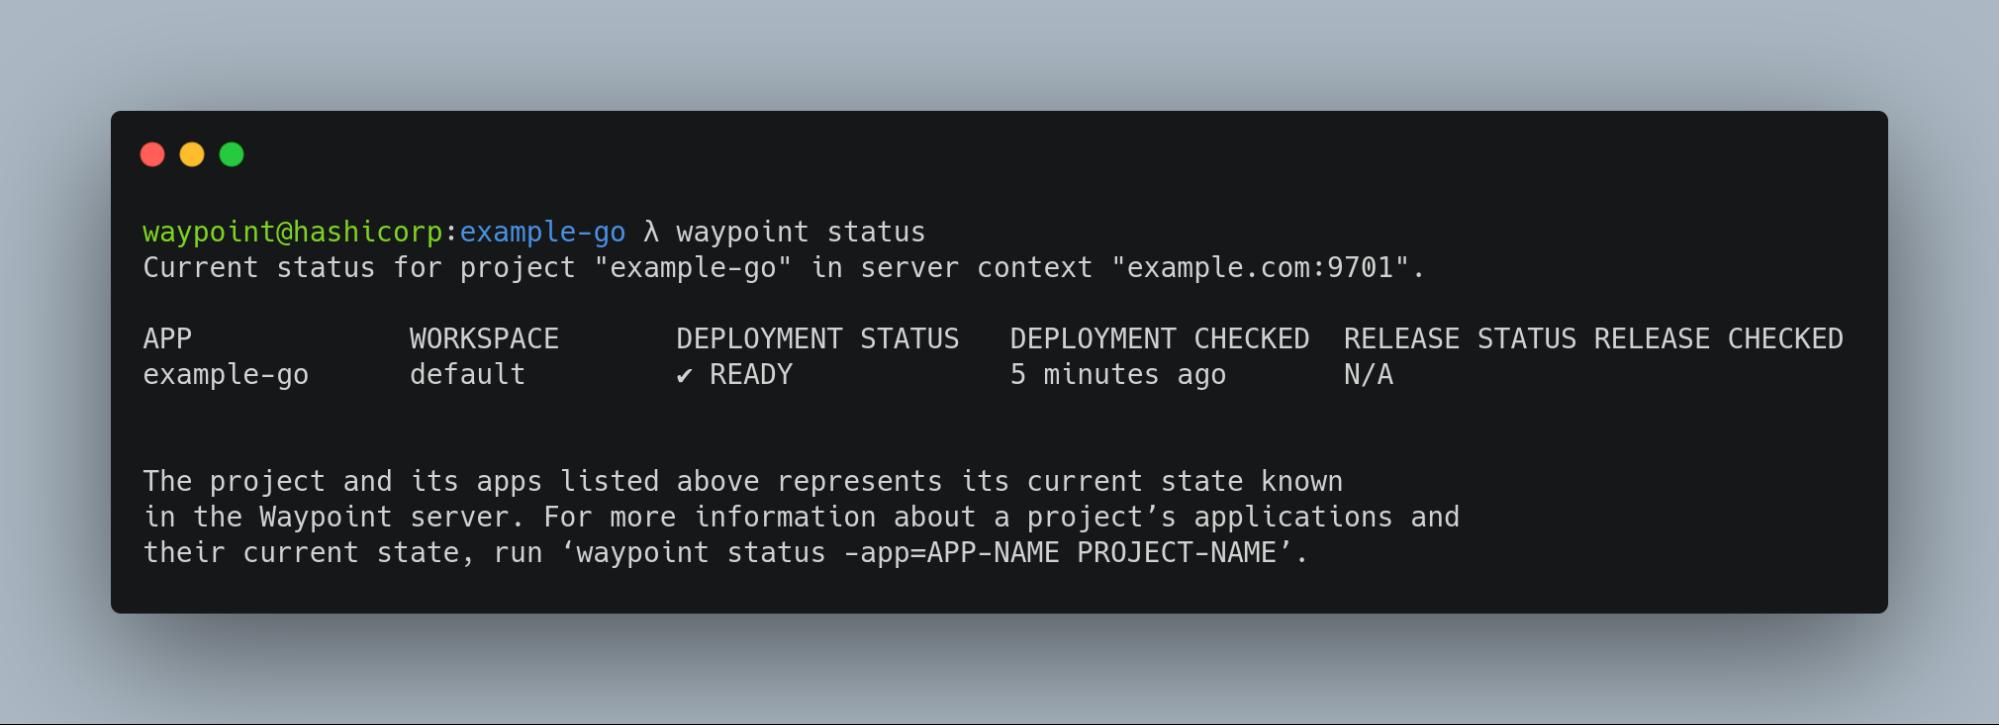 Waypoint status